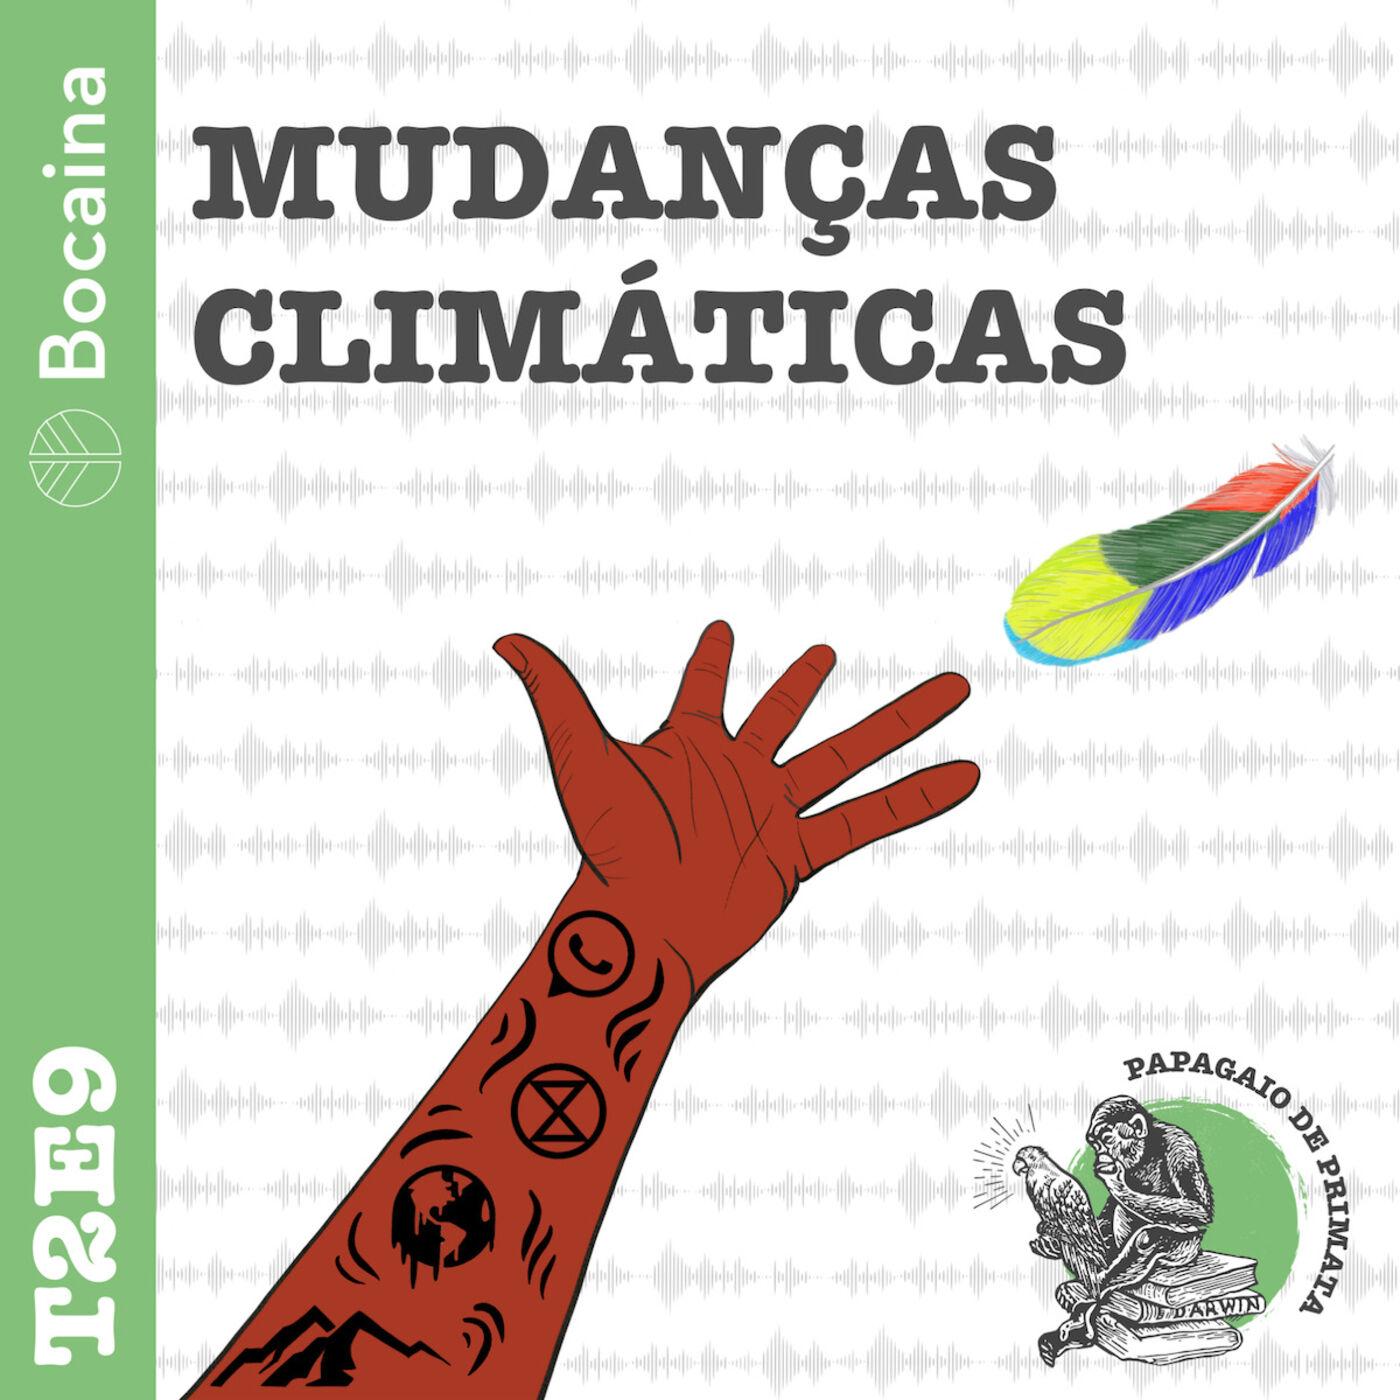 #19 - T2E9 - Mudanças Climáticas